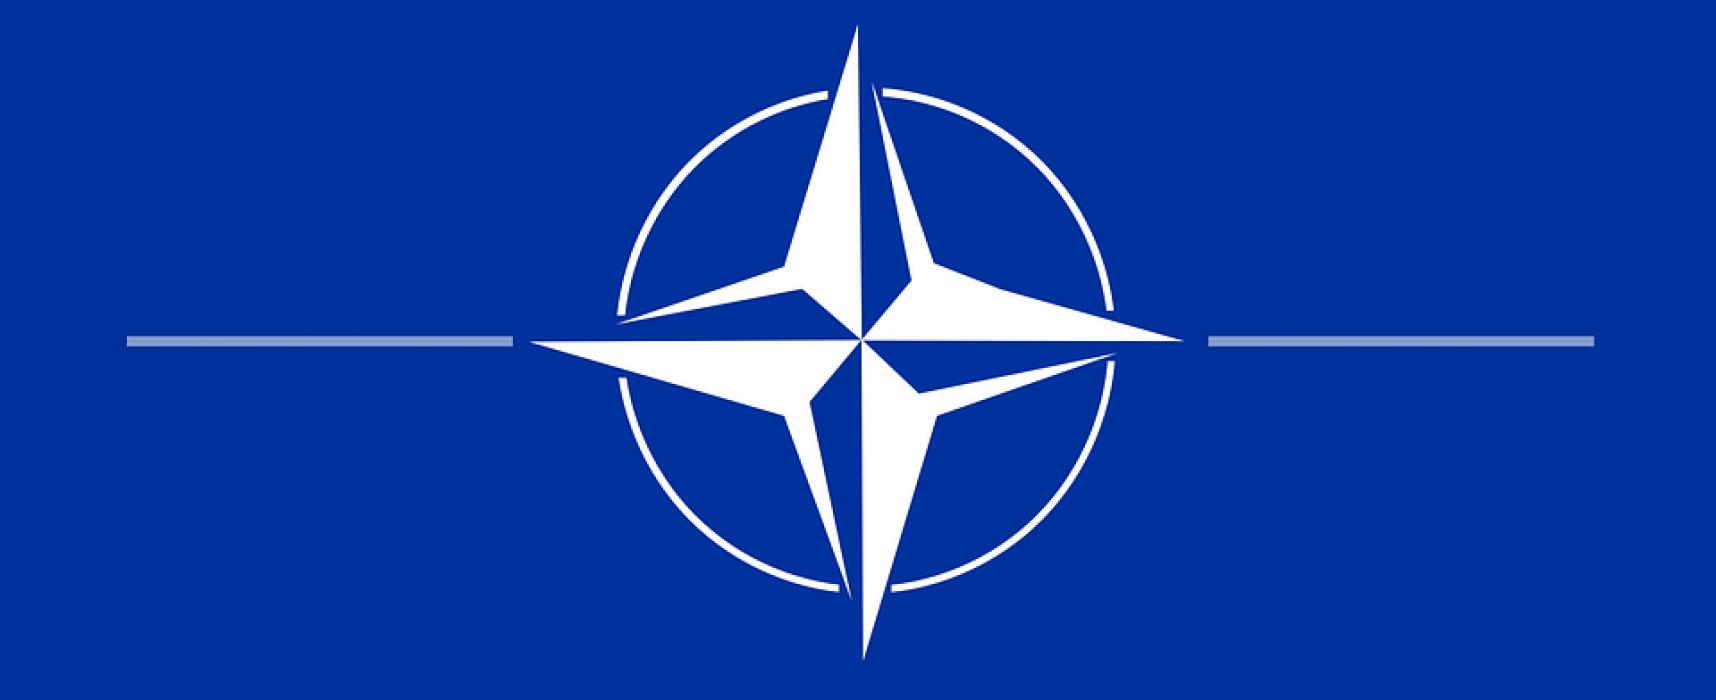 Фейк: НАТО будує бази навколо Росії, щоб загострити конфлікт